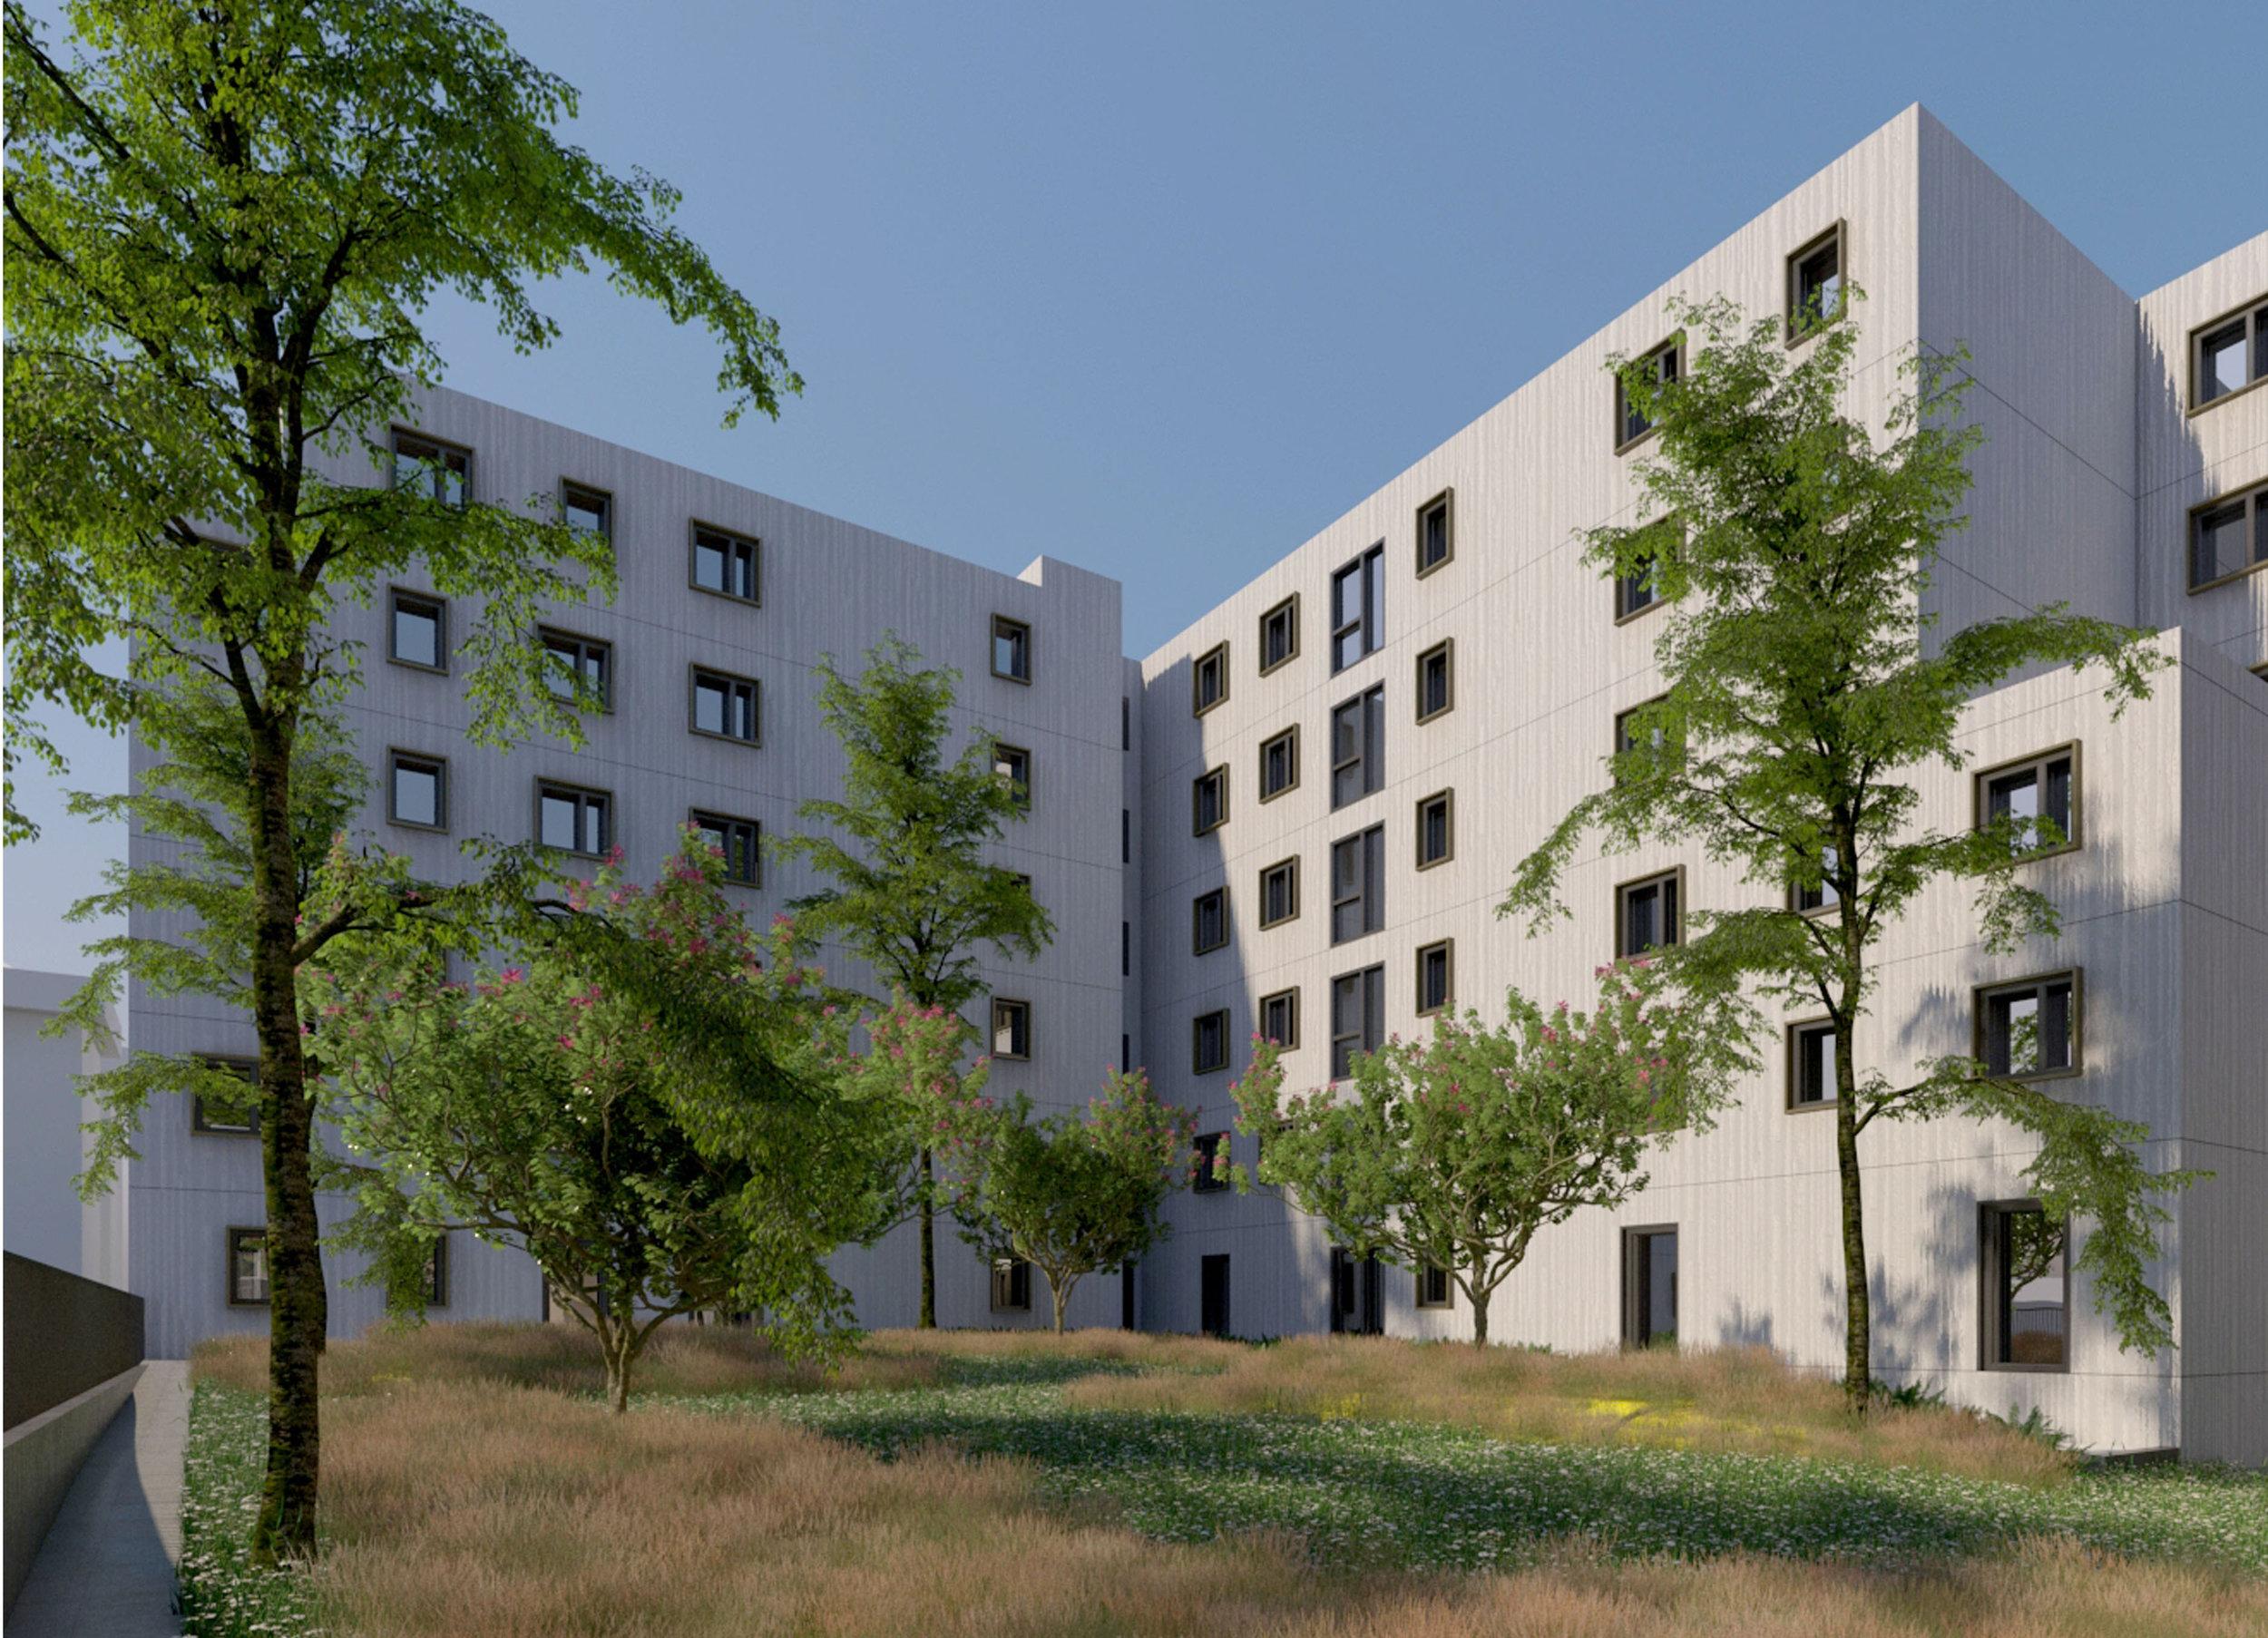 oph_logements_bagnolet_public_outdoor_design_christophe_gautrand_paysagiste_3.jpg